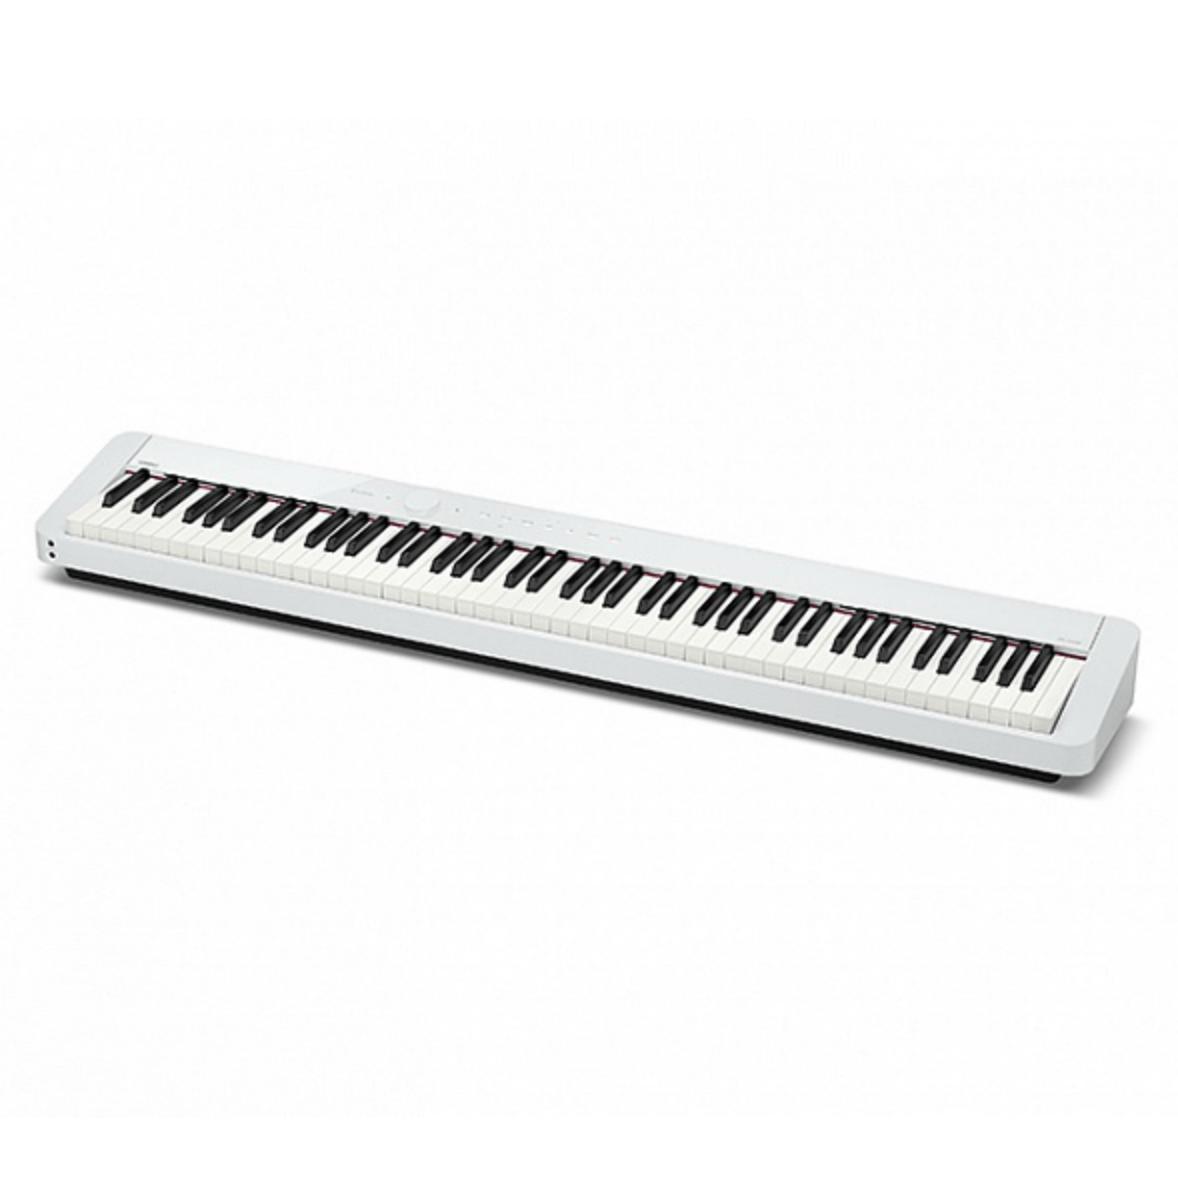 Купить Casio Privia PX-S1000WE Цифровое фортепиано, цвет белый глянцевый